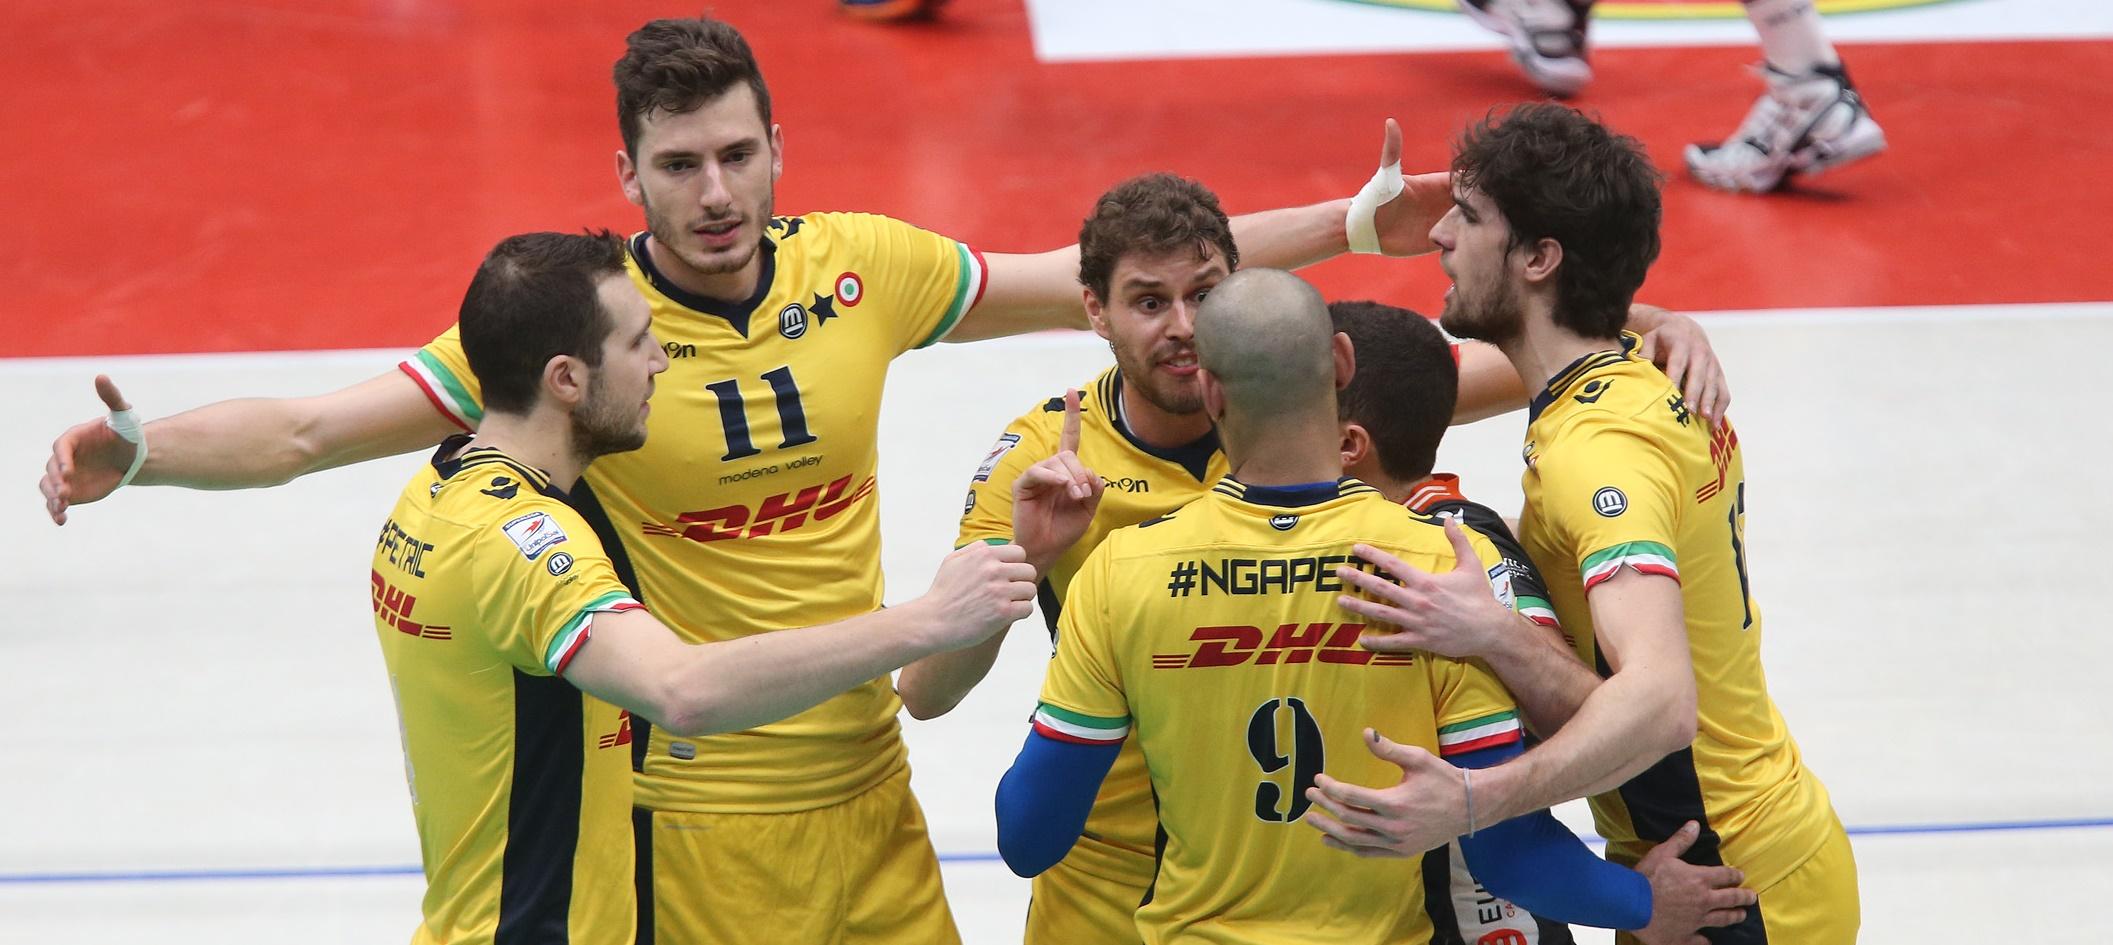 İtalya Kupası 12. kez Modena'nın